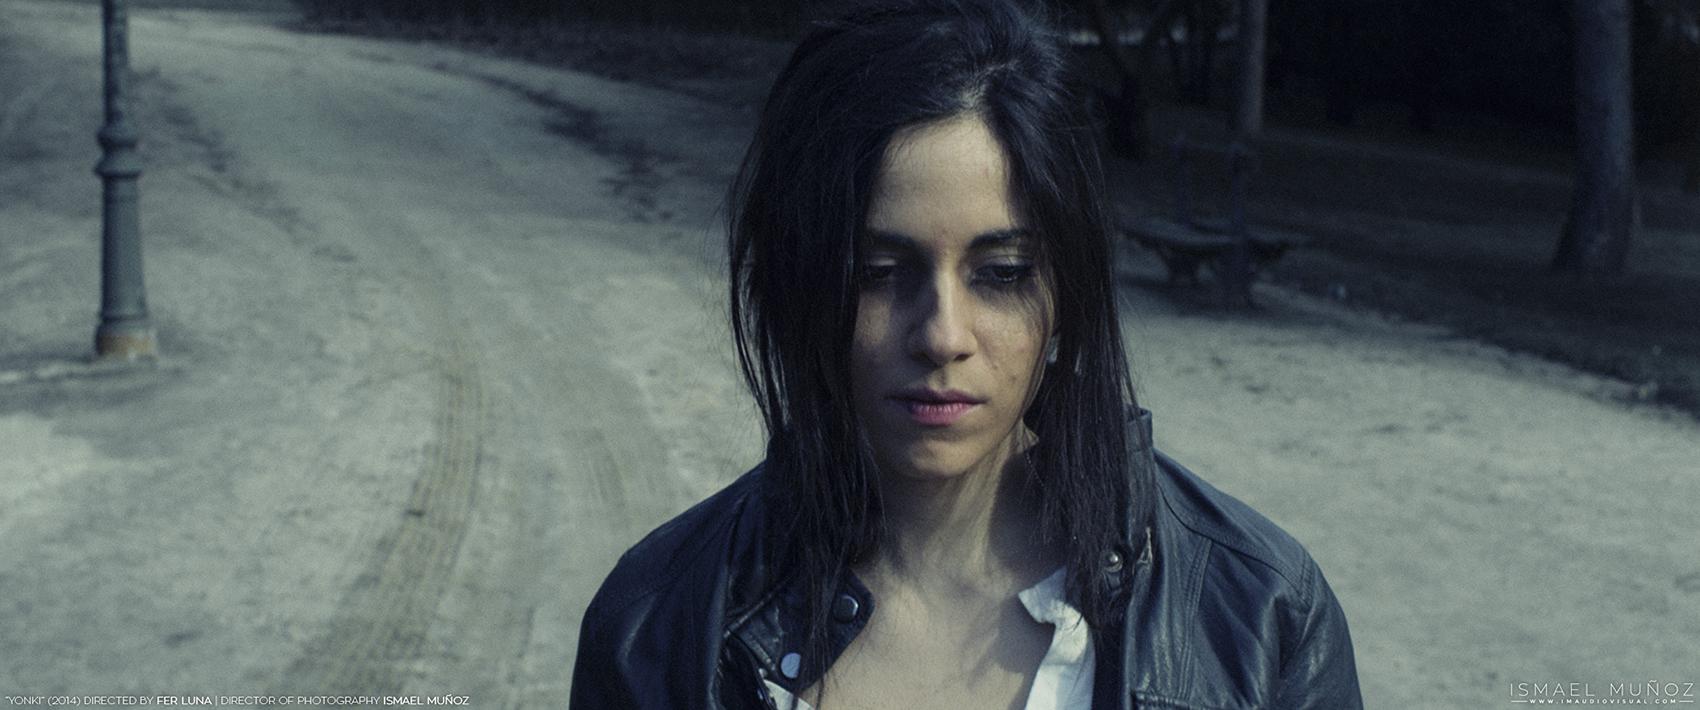 Soraya Valadés - Yonki